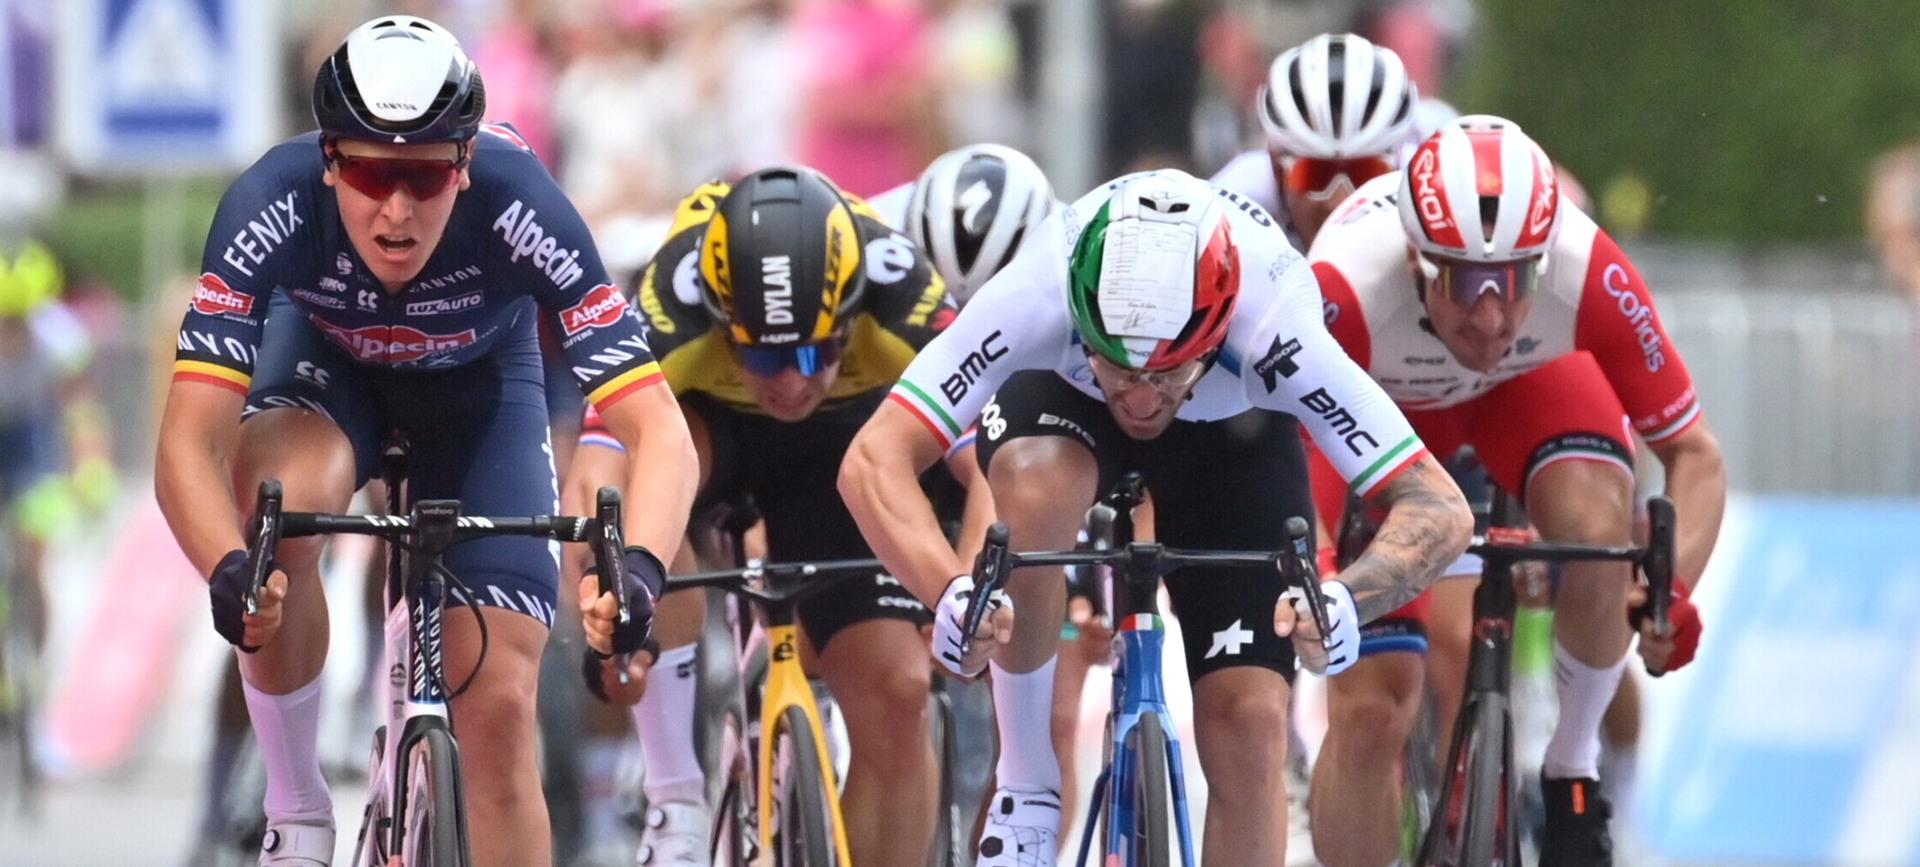 Immagine dalla pagina Facebook del Giro d'Italia